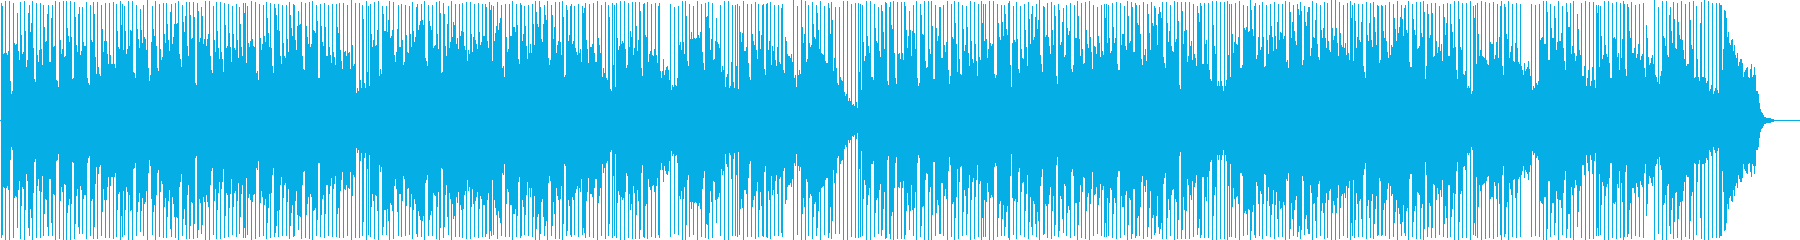 可愛くてポップなライトボサノバの再生済みの波形